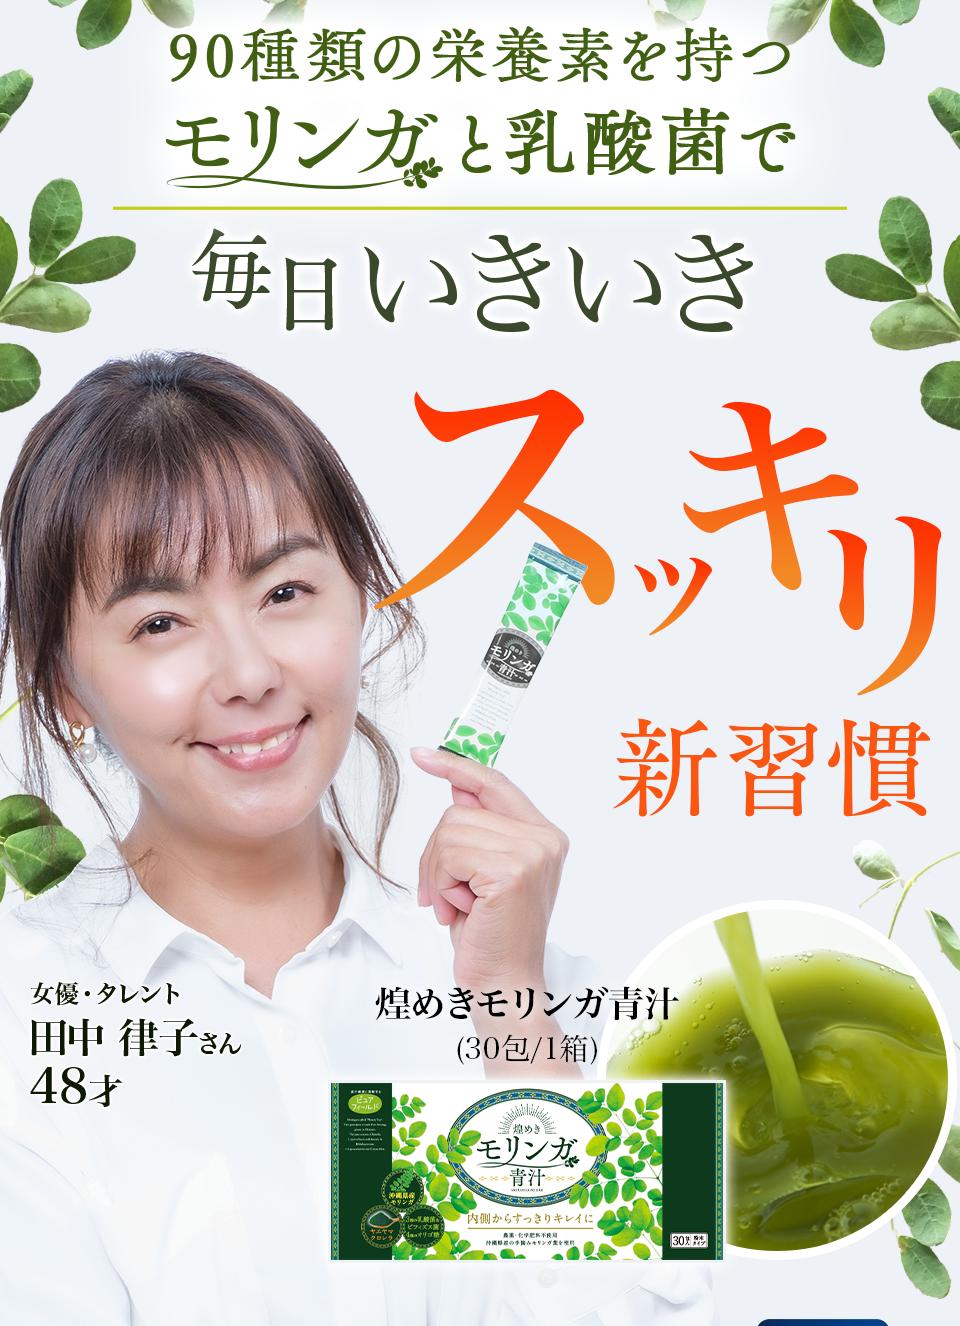 煌めきモリンガ青汁(30包/1箱)